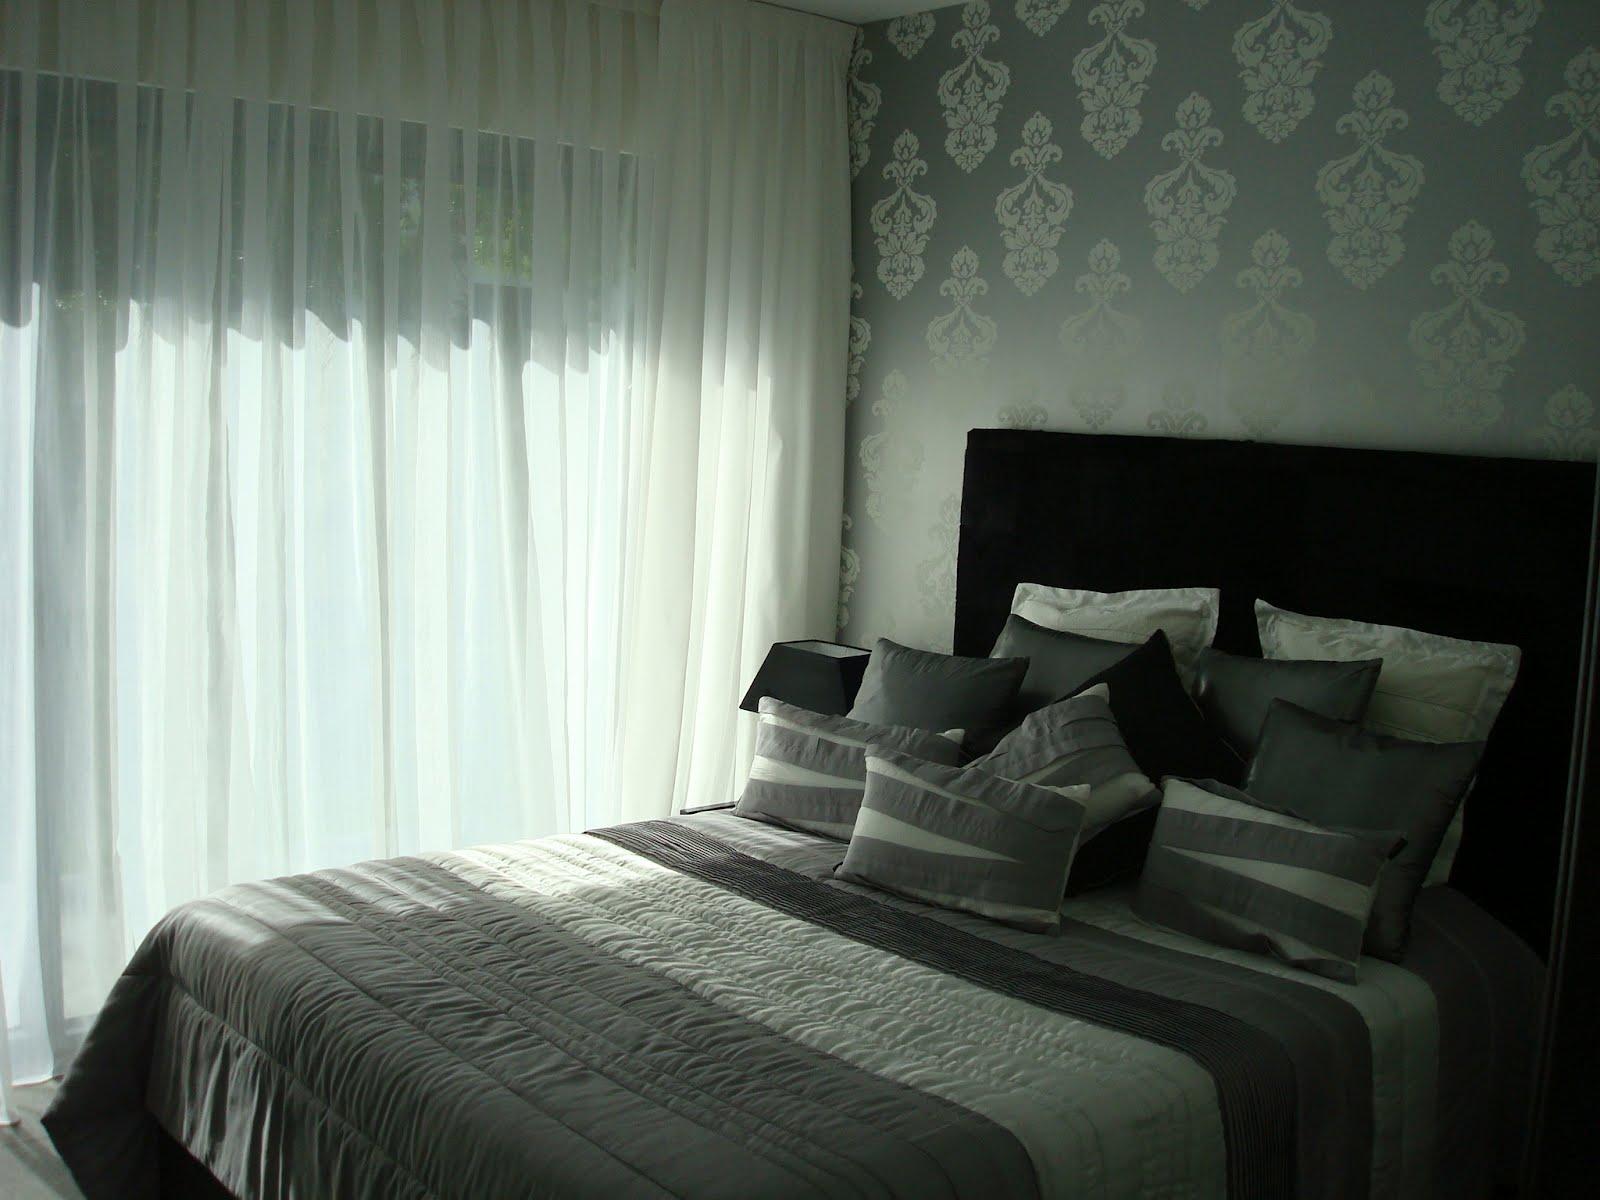 Edyta dise o decoraci n blog de decoraci n visillos - Visillos y cortinas ...